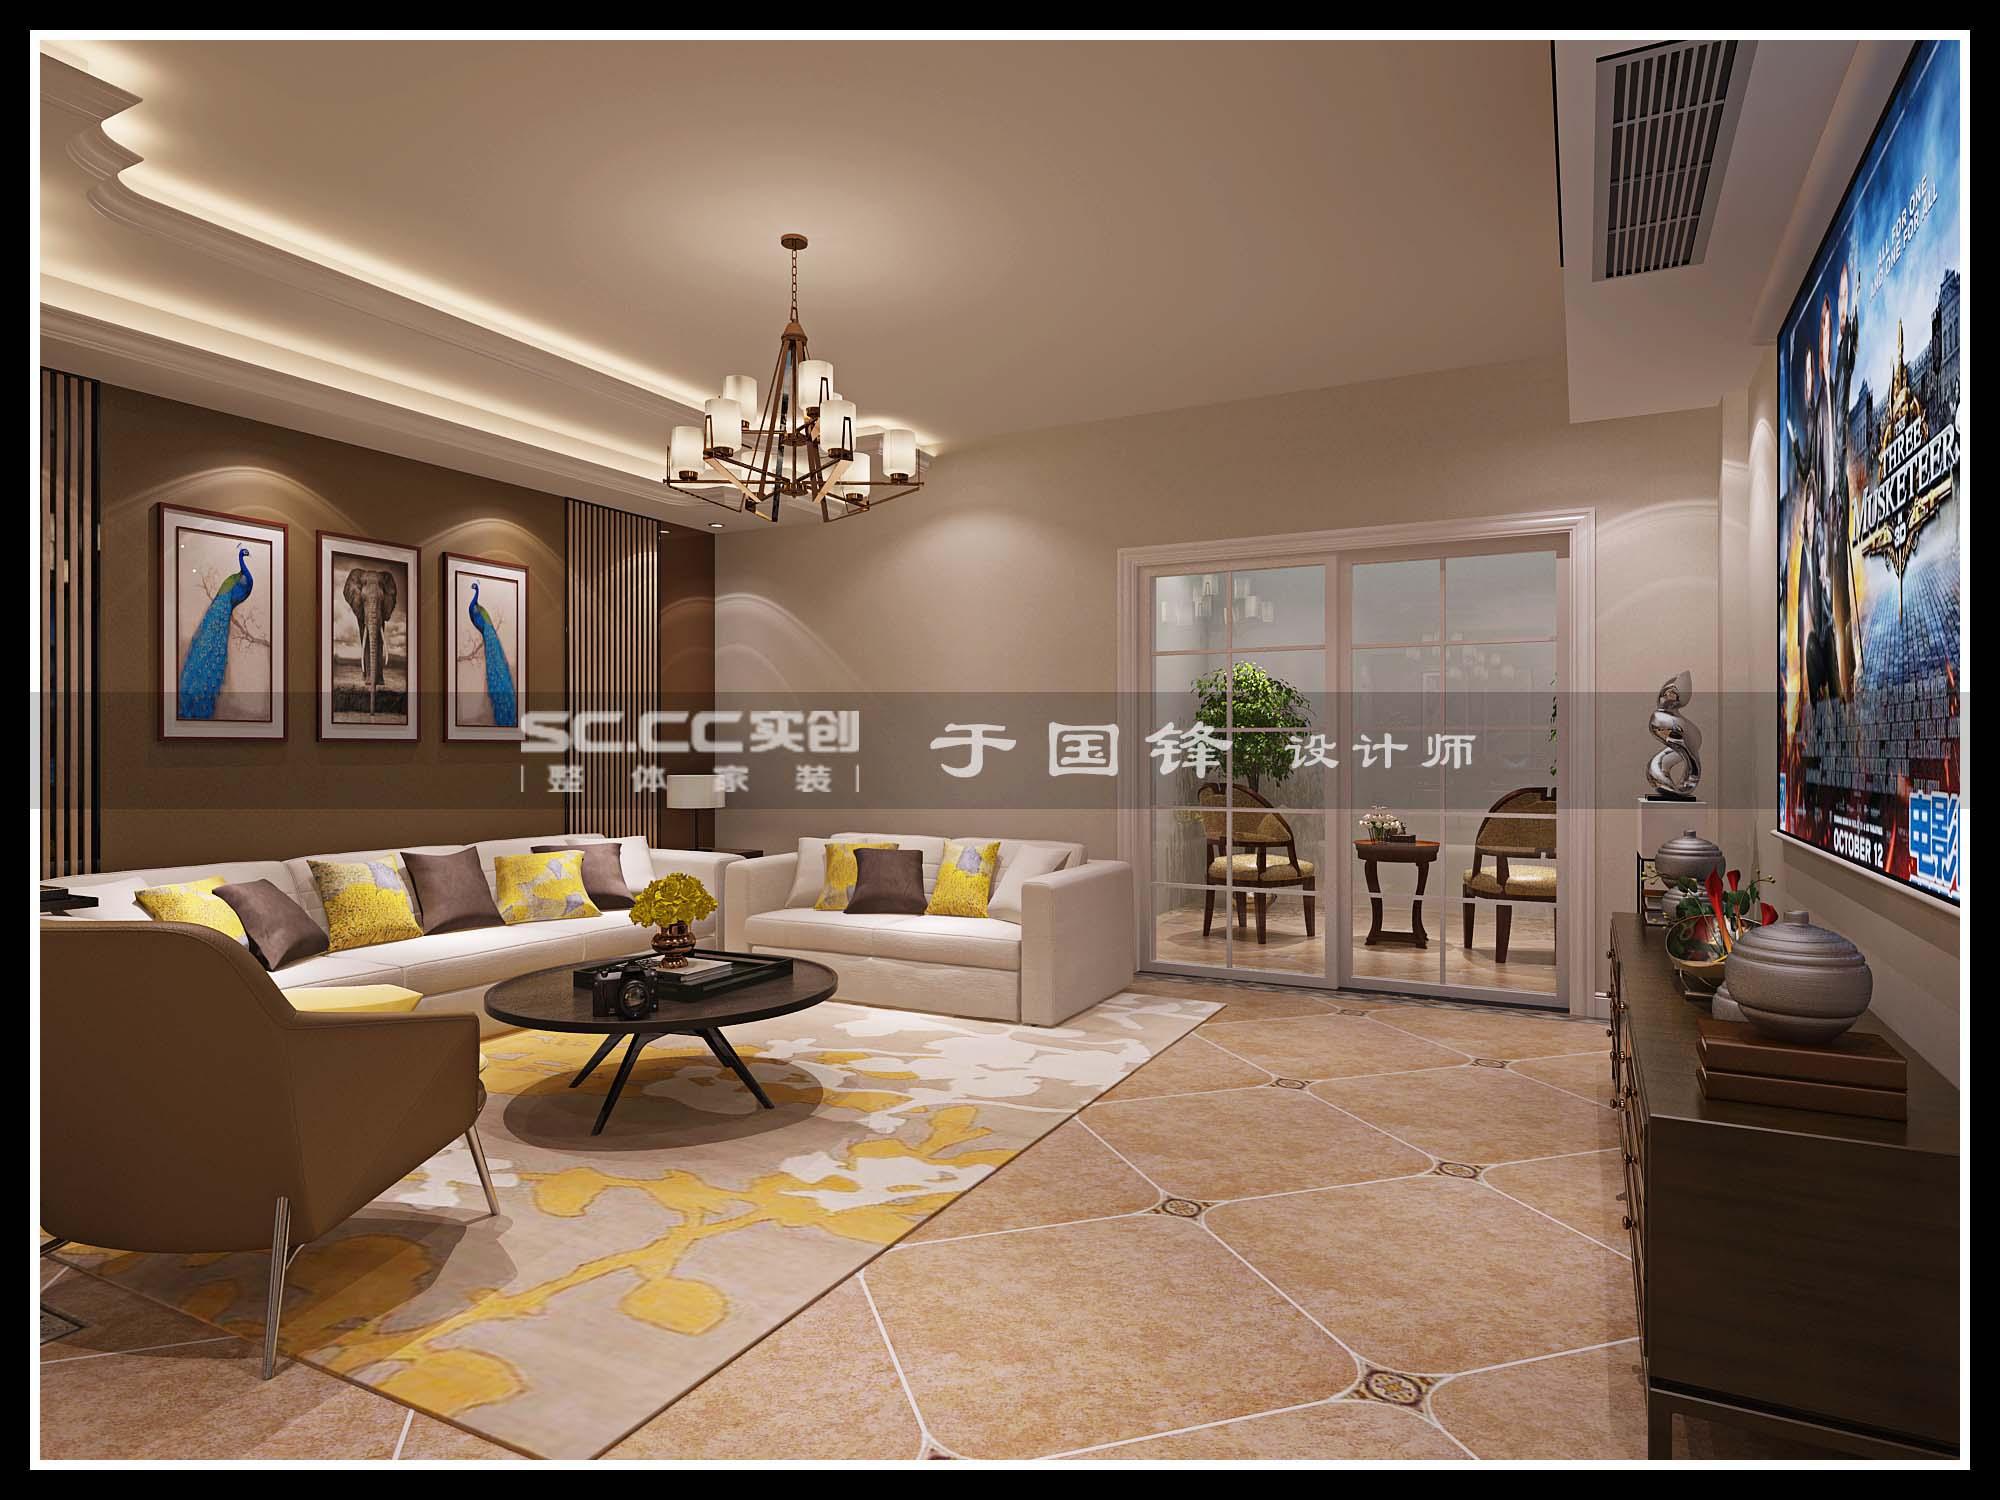 港式 别墅 世茂 玲珑台 客厅图片来自快乐彩在世茂玲珑台240平联排别墅的分享